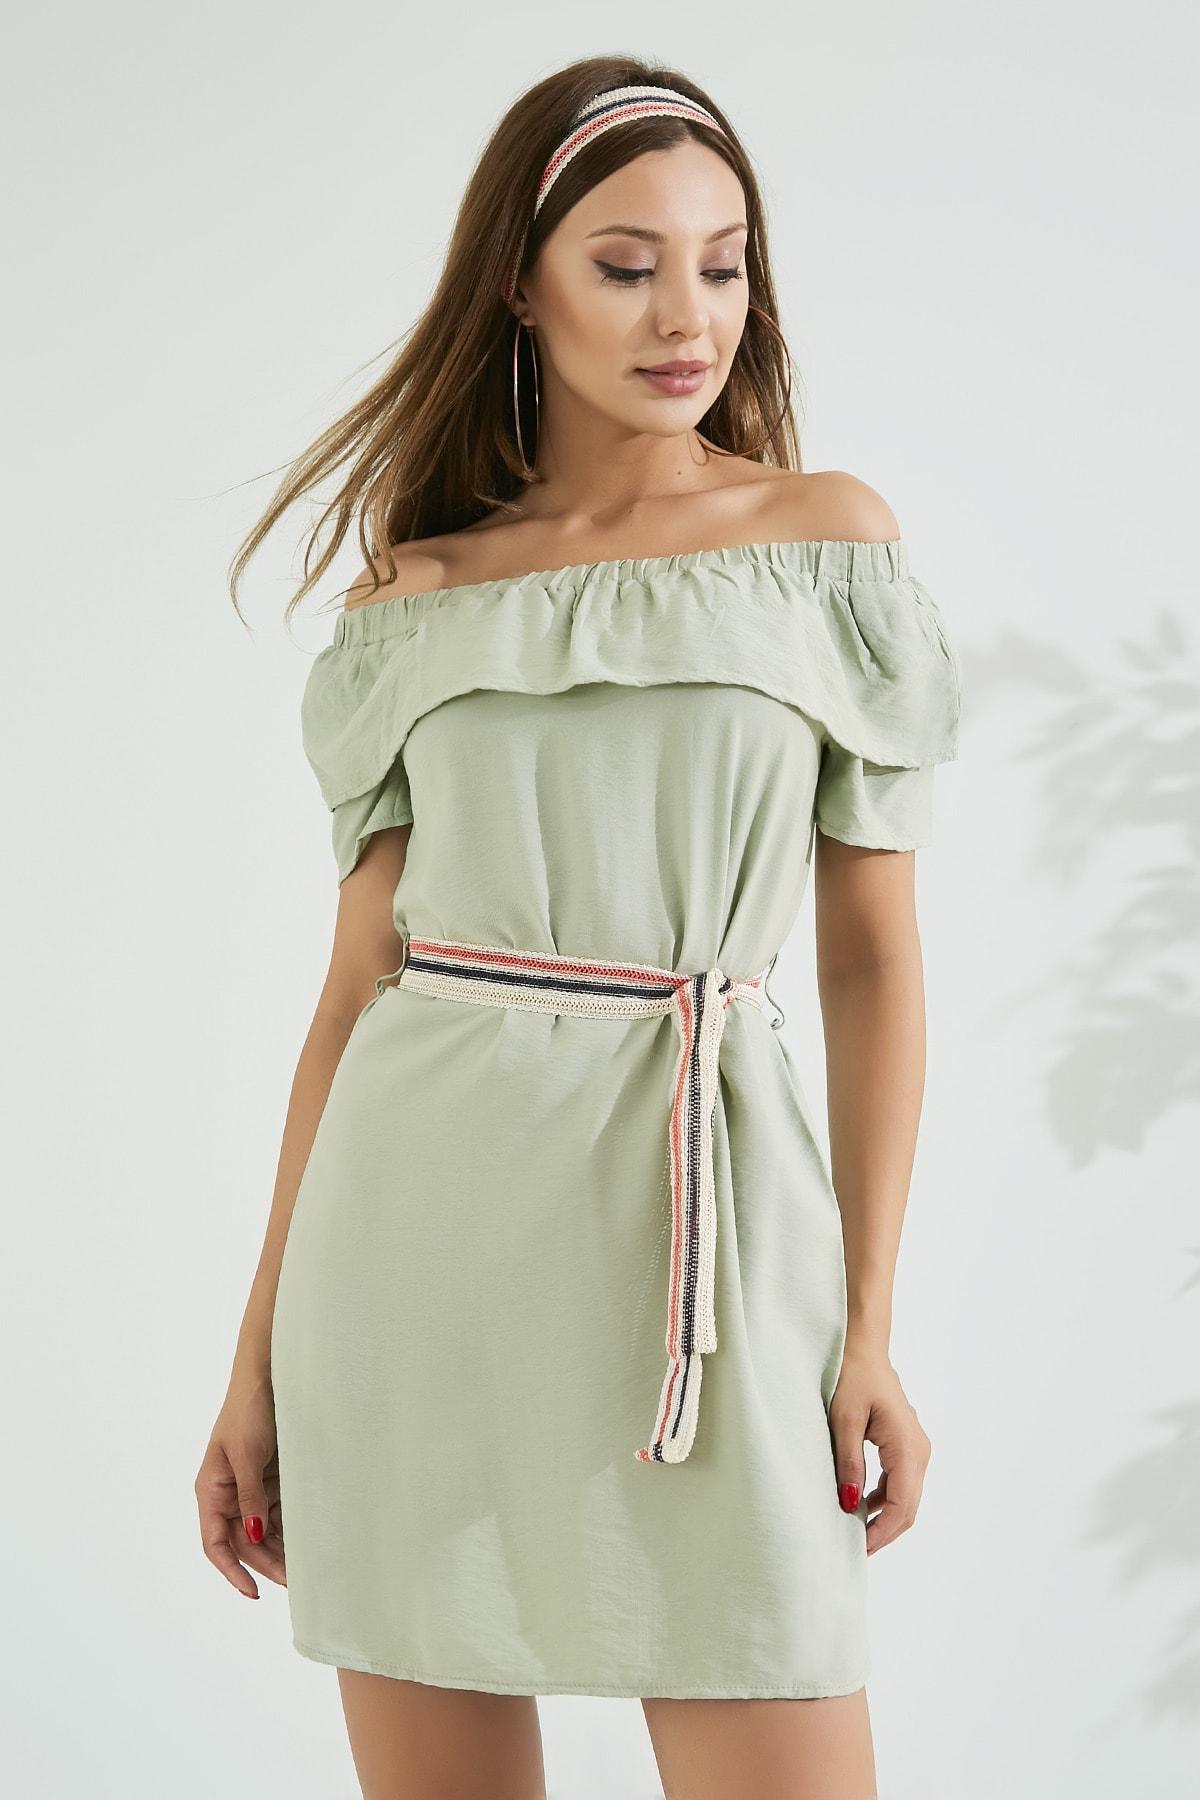 Sateen Kadın Haki Volanlı Örgü Kemerli Elbise  STN562KEL116